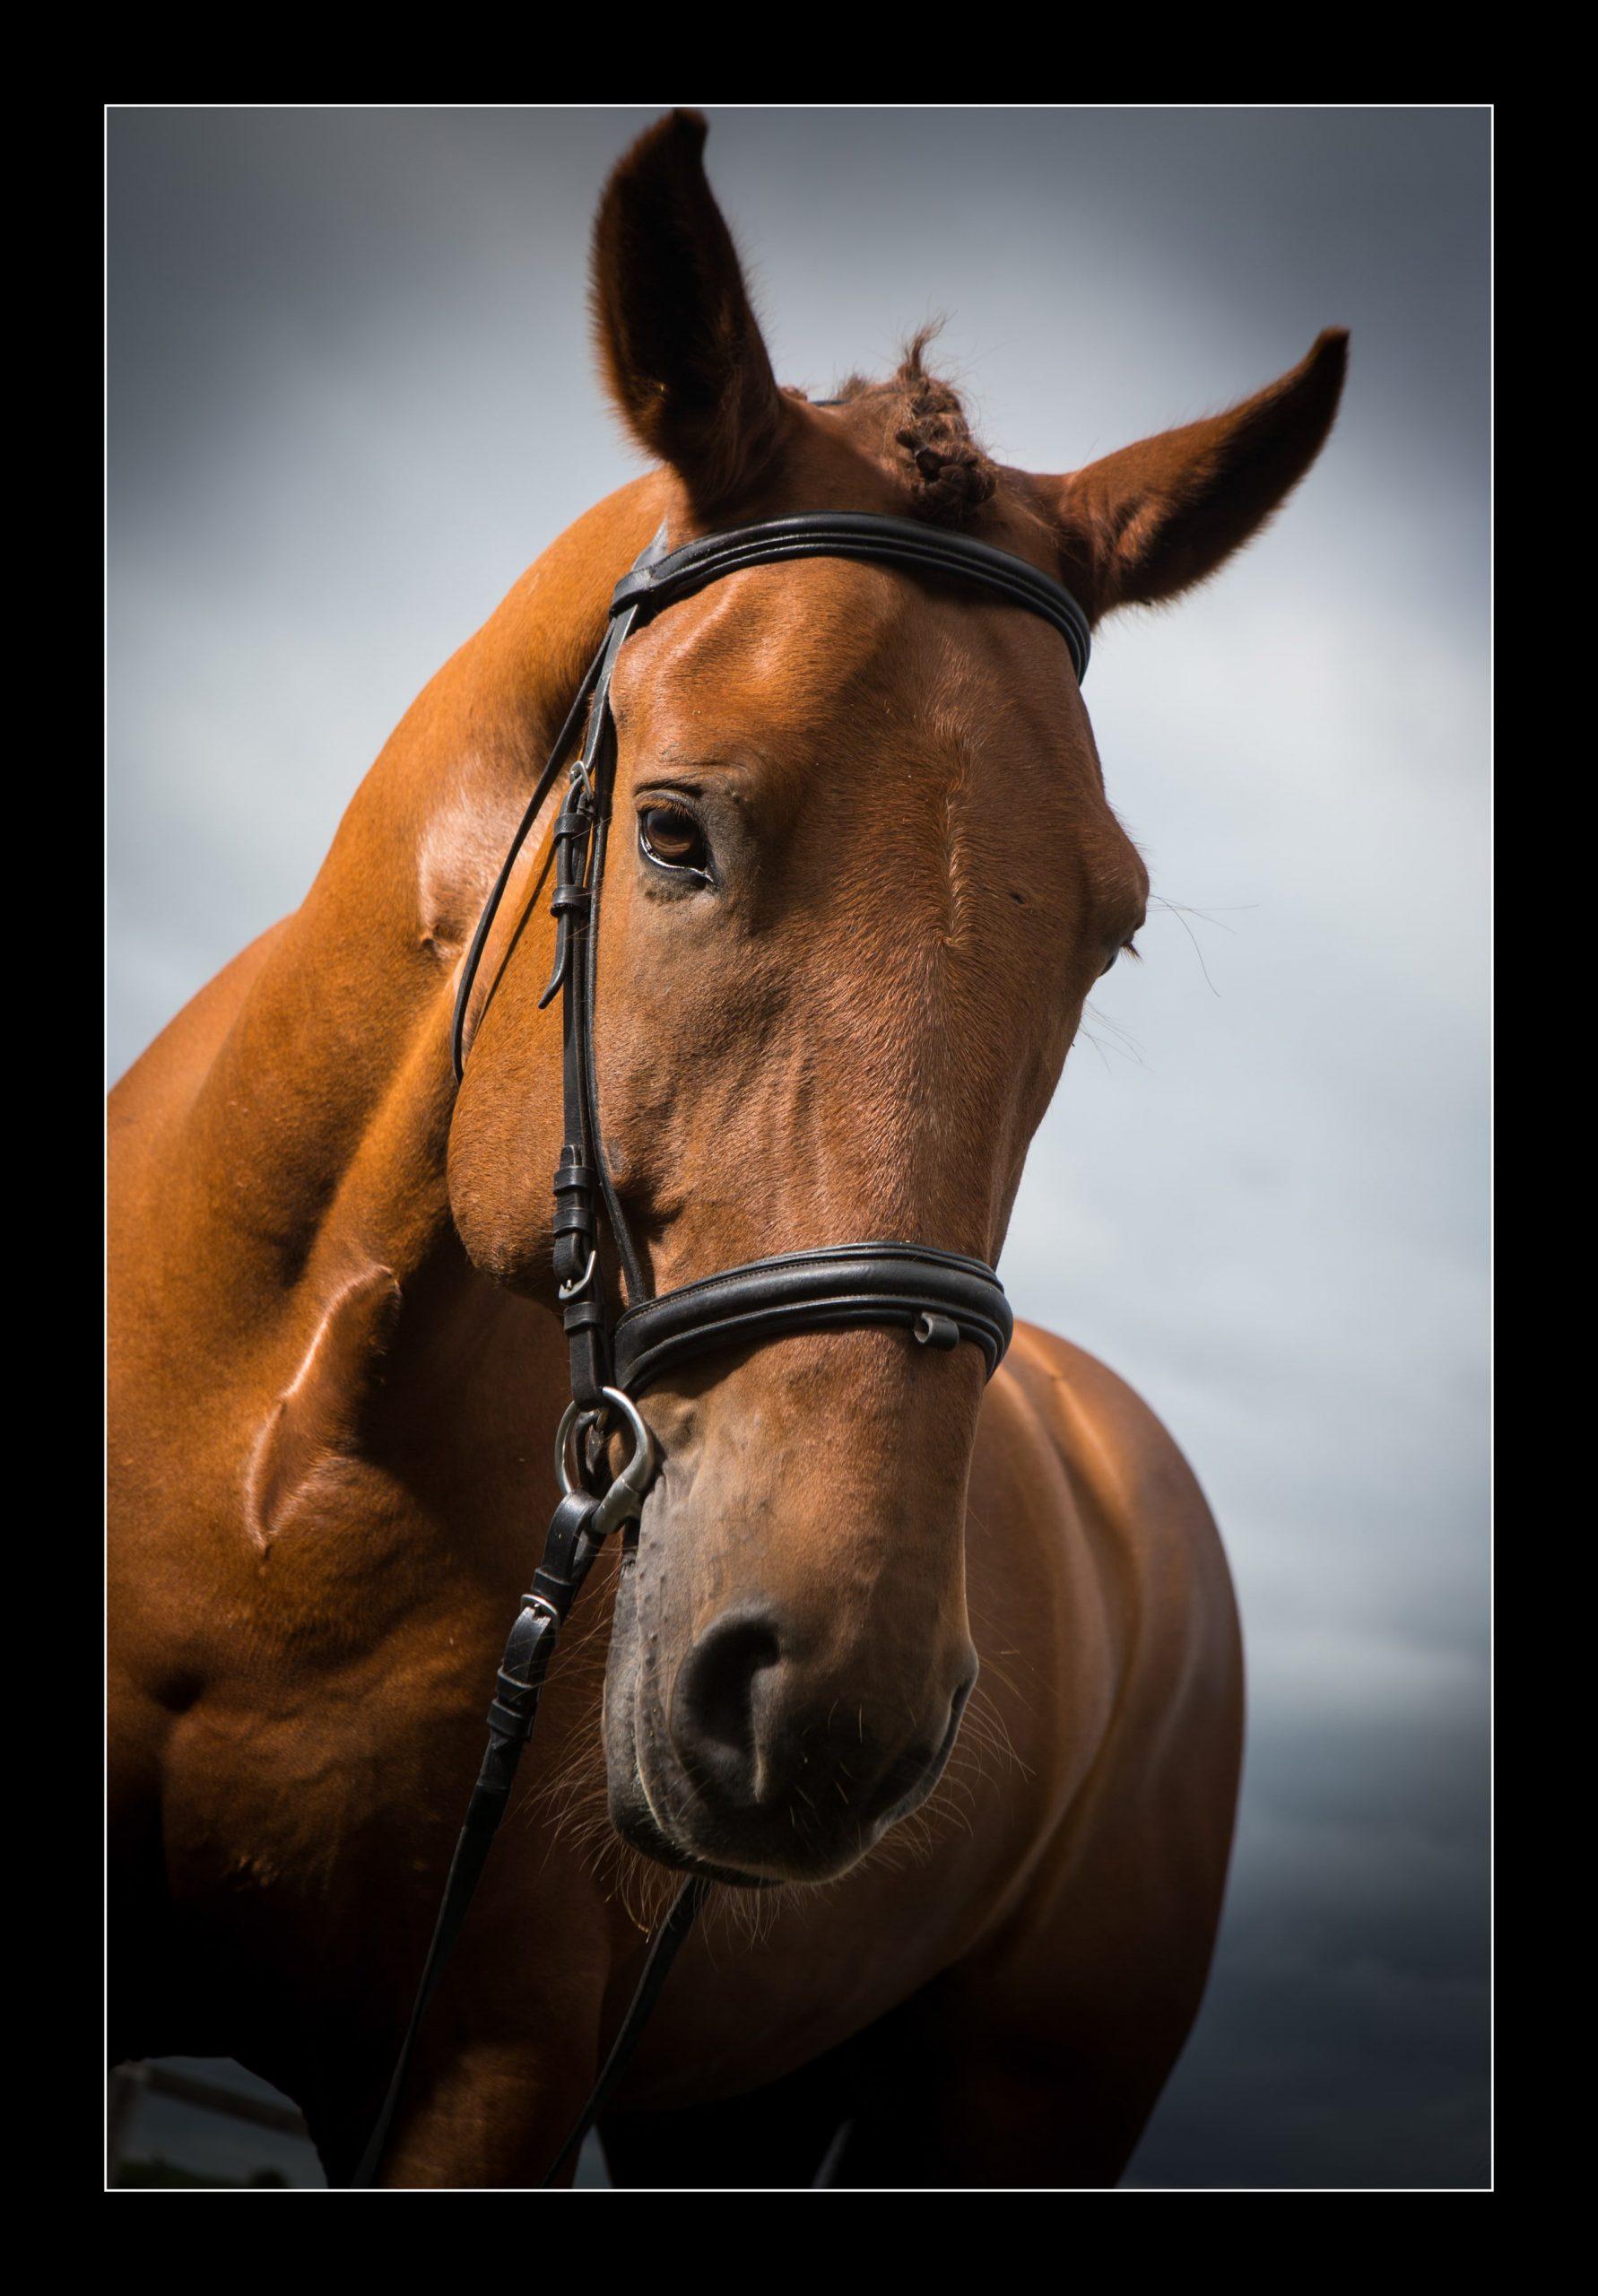 horse_portrait_equine_023-min